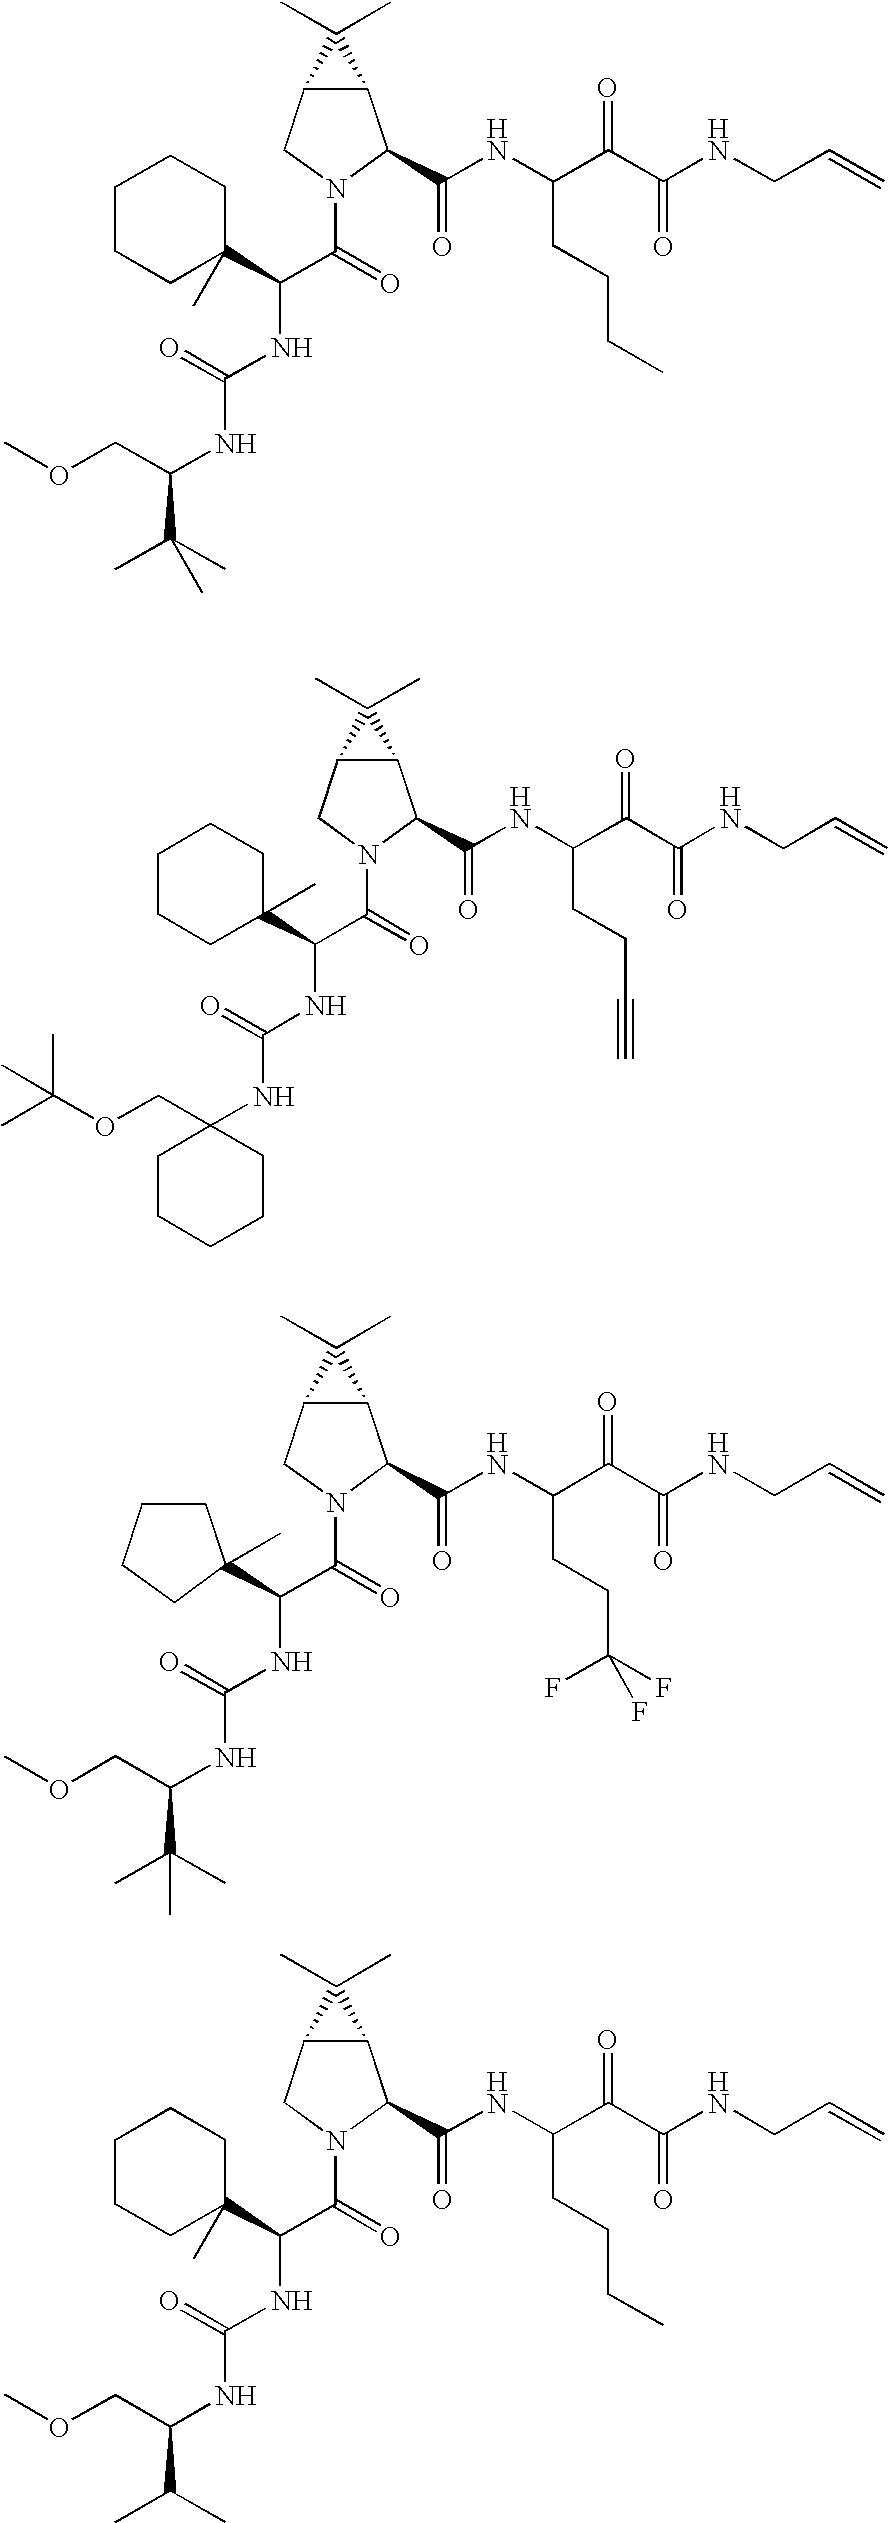 Figure US20060287248A1-20061221-C00358